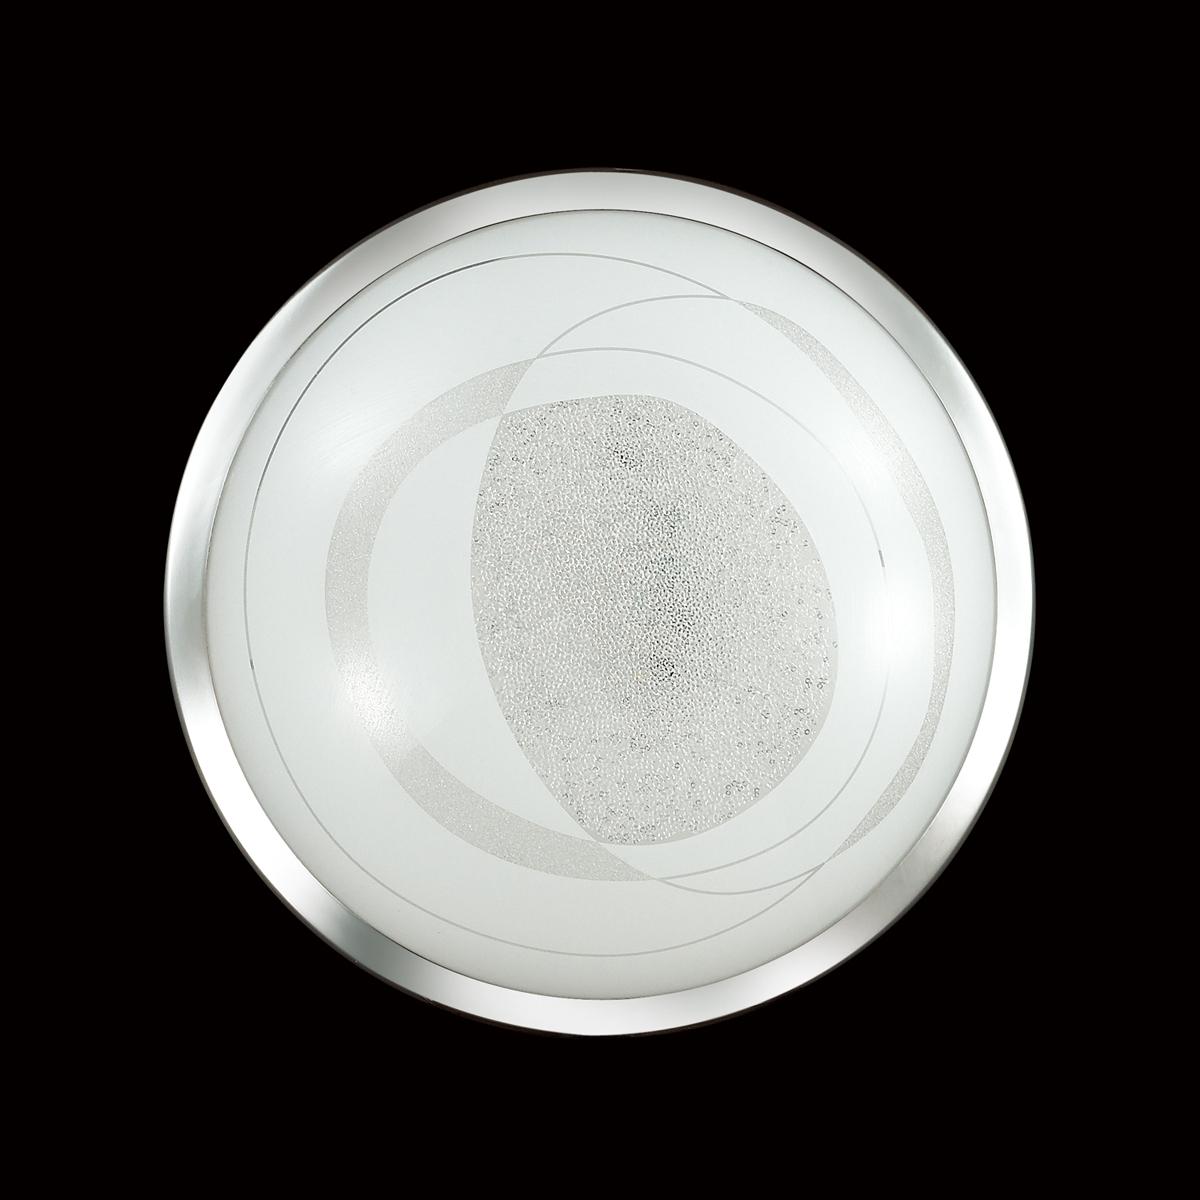 Потолочный светодиодный светильник Sonex Mabia 2062/CL, LED 28W 4000K 1419lm, хром, белый, металл, стекло - фото 6